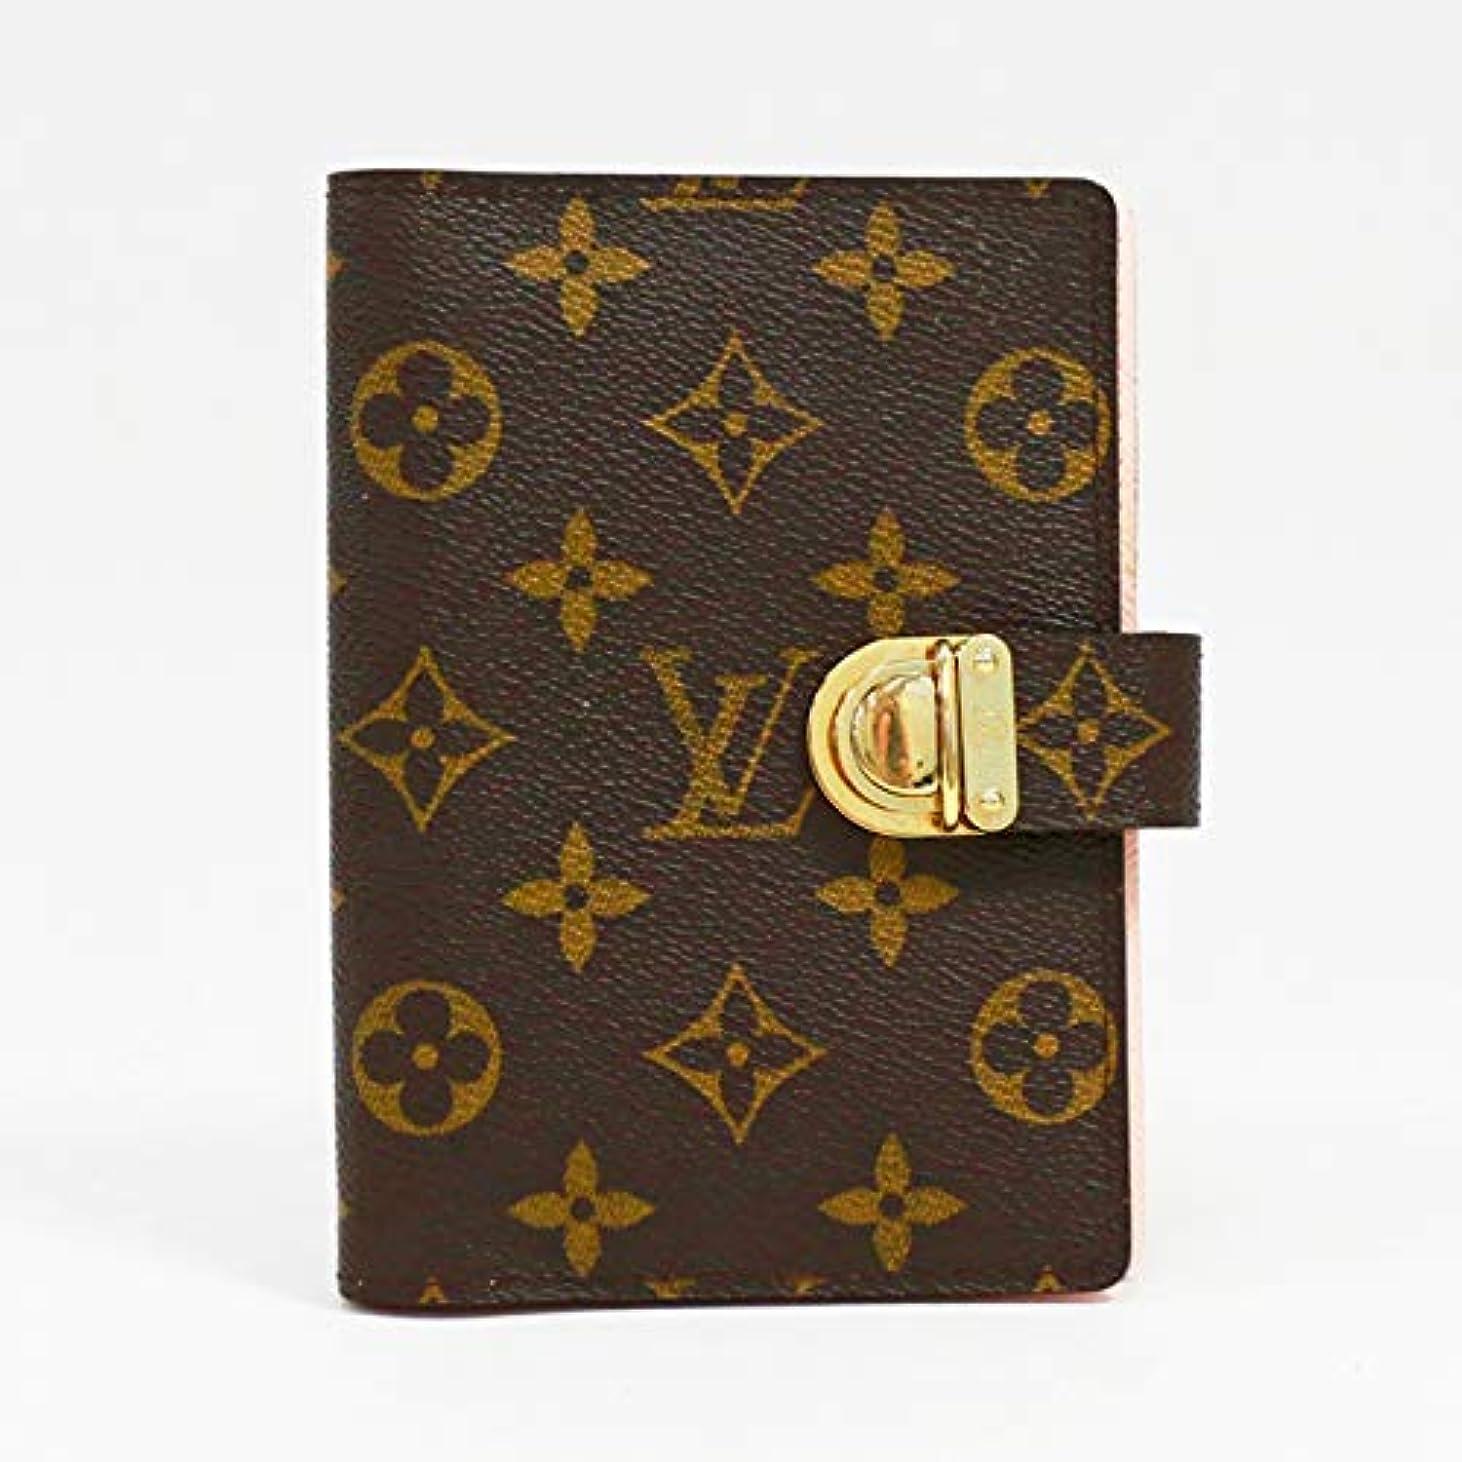 動飢え便宜[ルイヴィトン] LOUIS VUITTON アジェンダコアラPM 手帳 モノグラム モノグラム R21013 [中古]